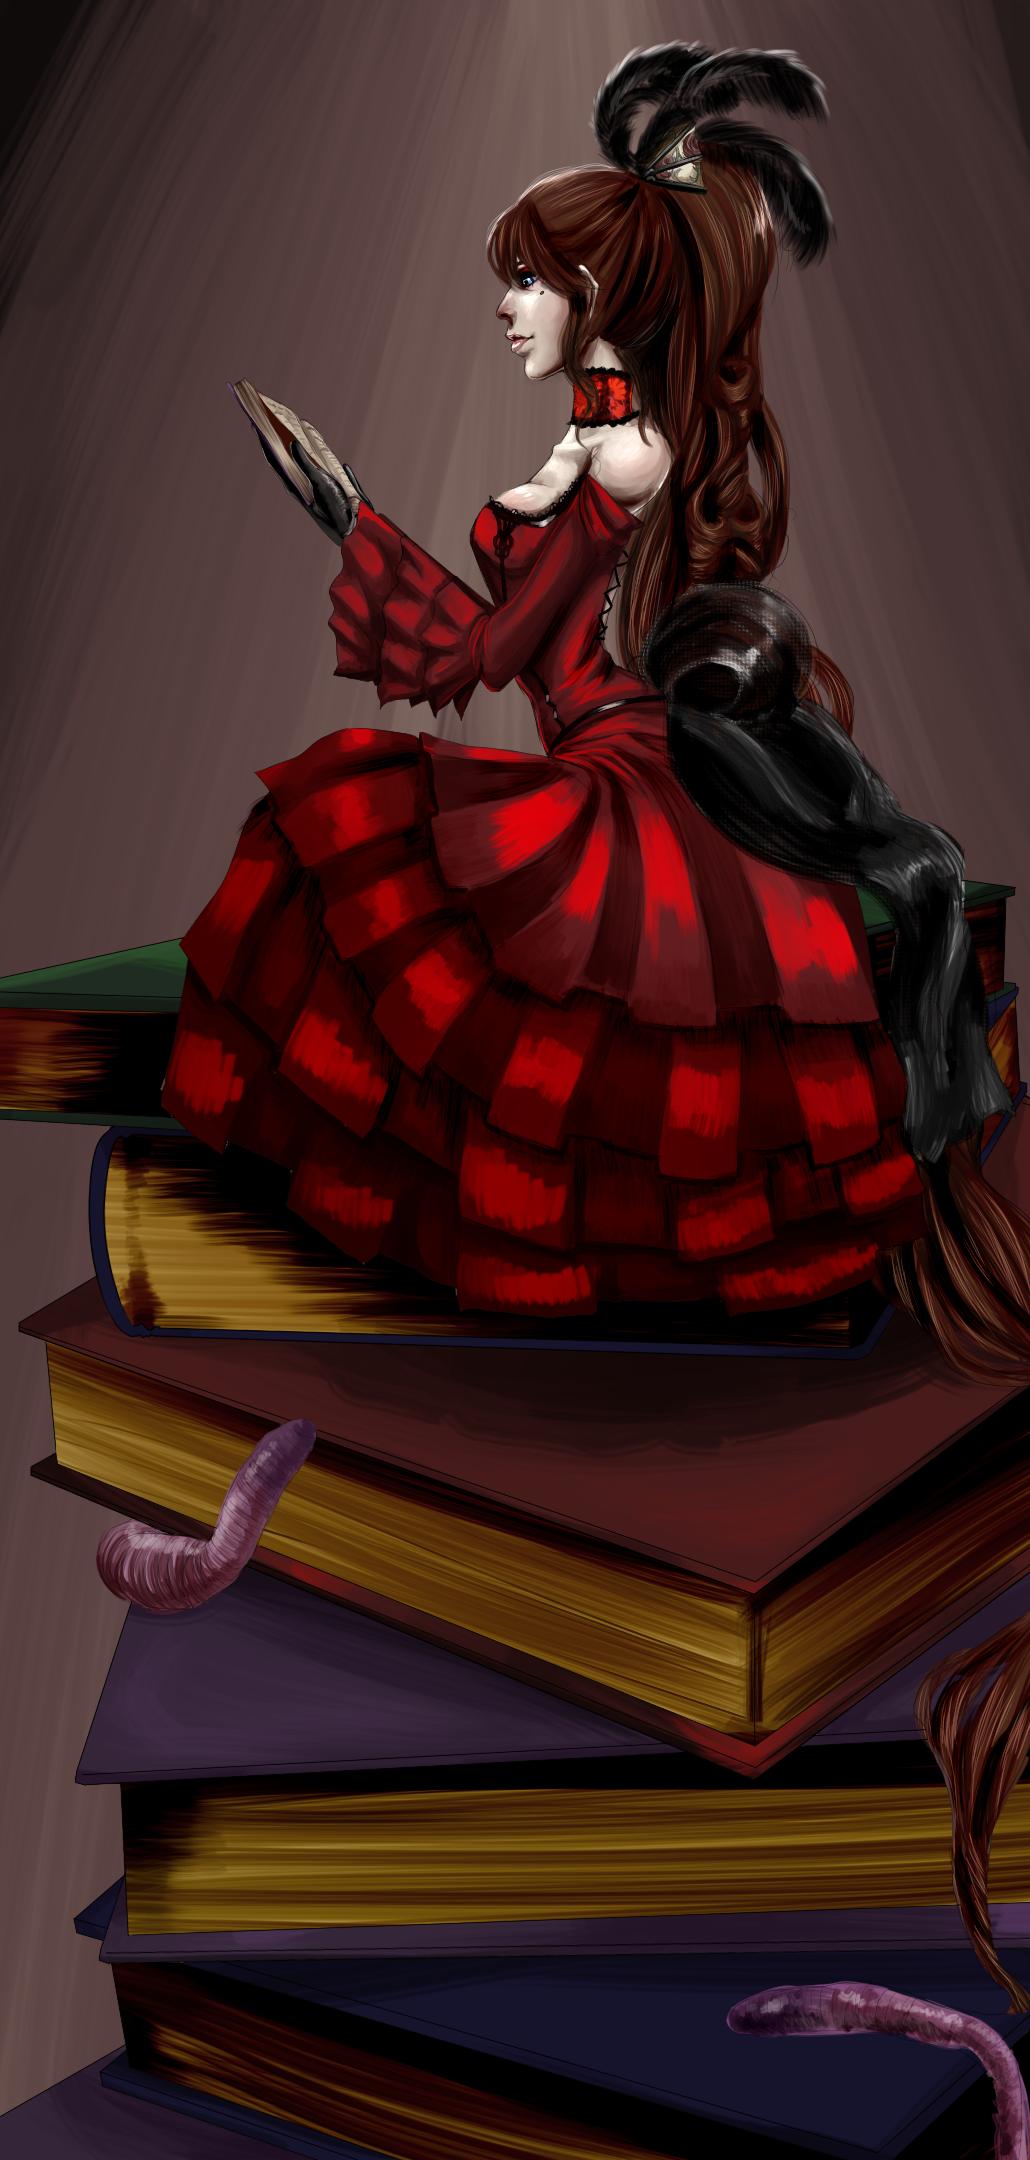 Book Worm by Berserk-Cyborg-Panda